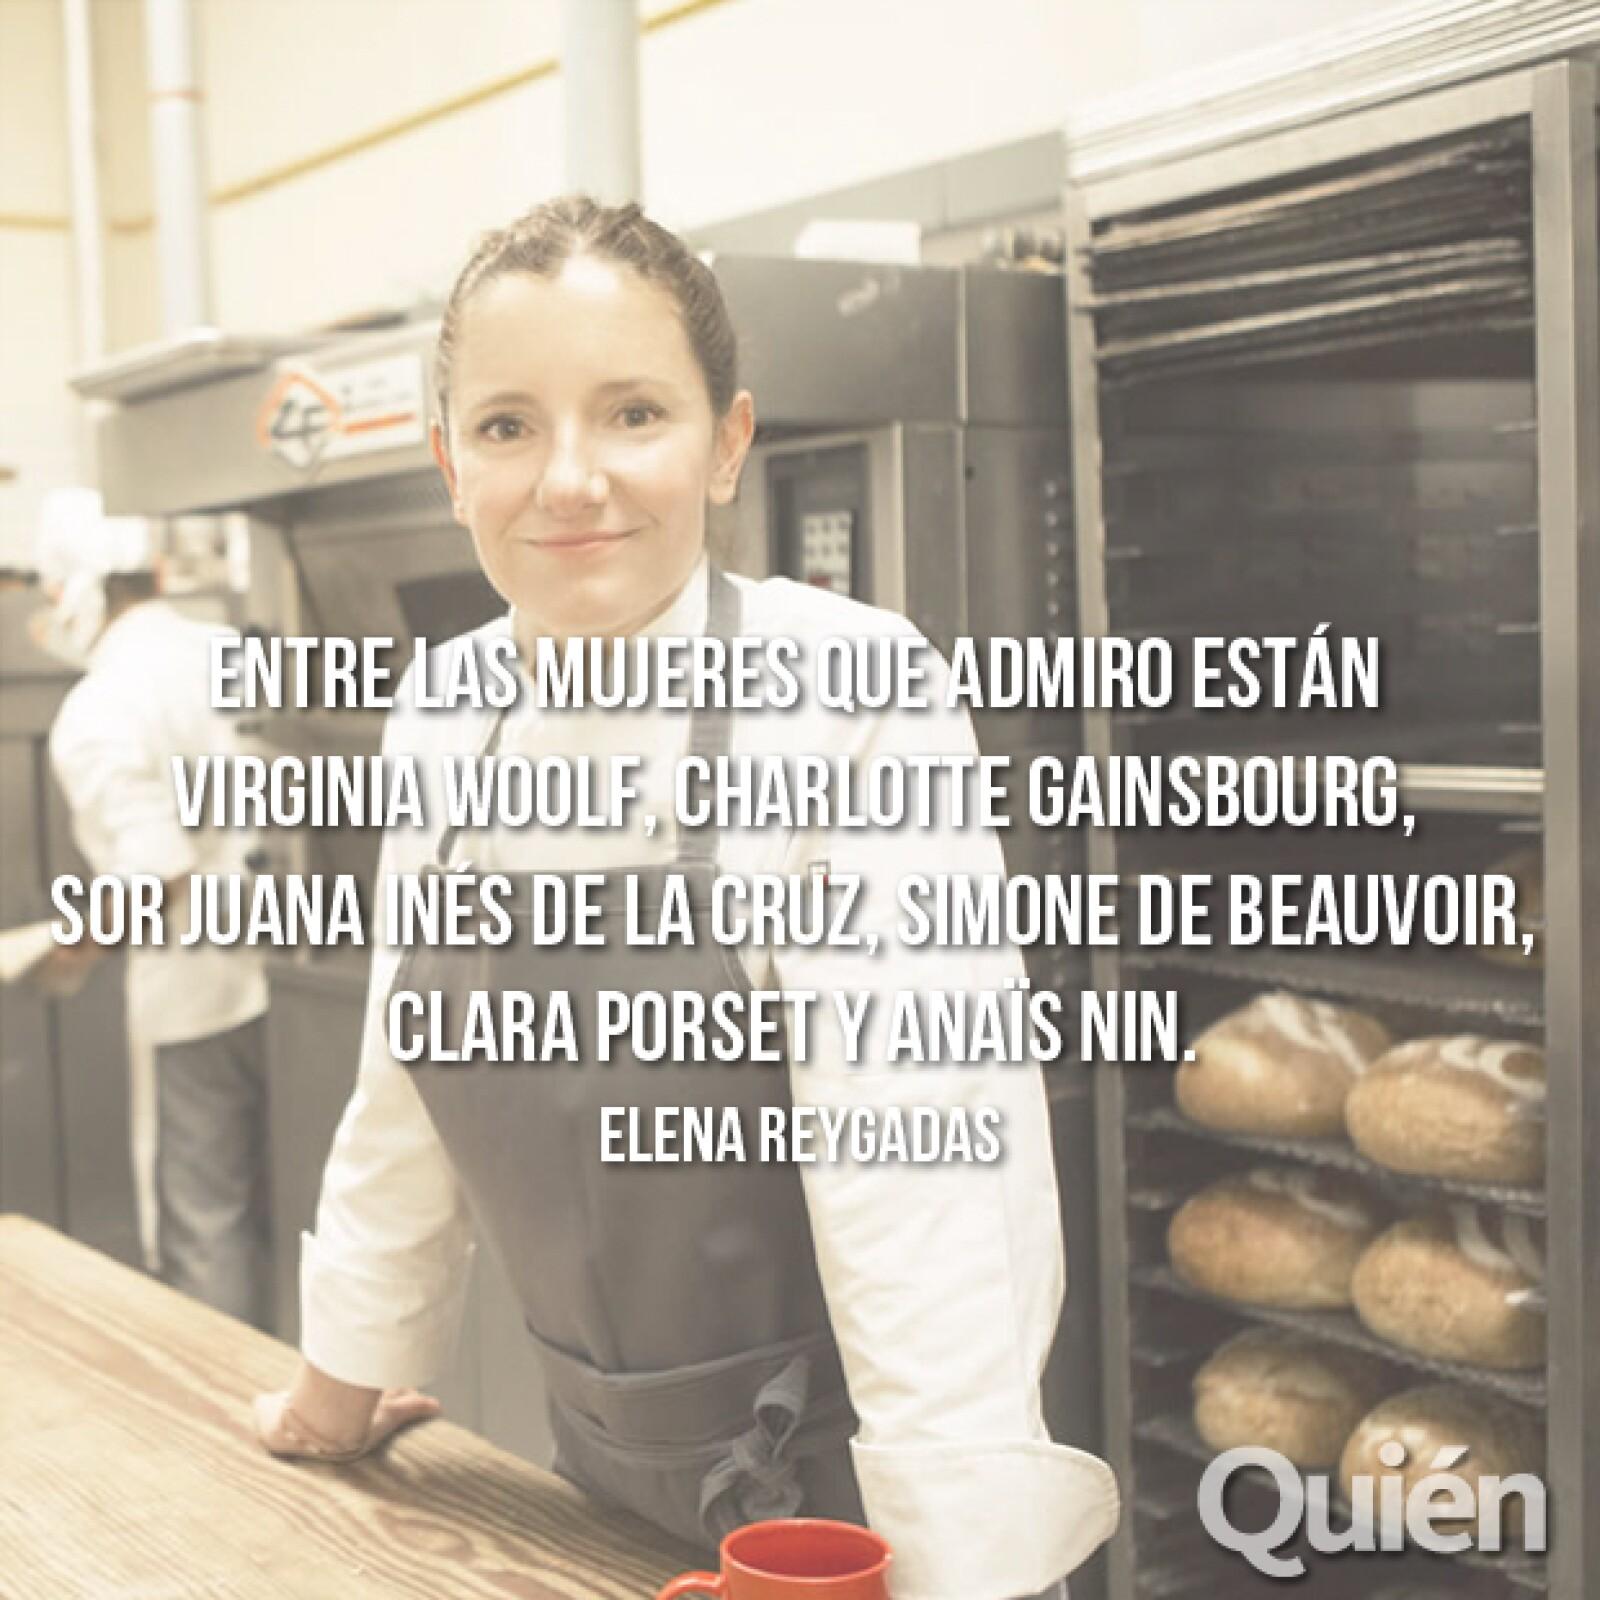 Elena Reygadas, chef y fundadora de Rosetta. Ganó el premio Veuve Clicquot a la Chef Femenina de 2014.